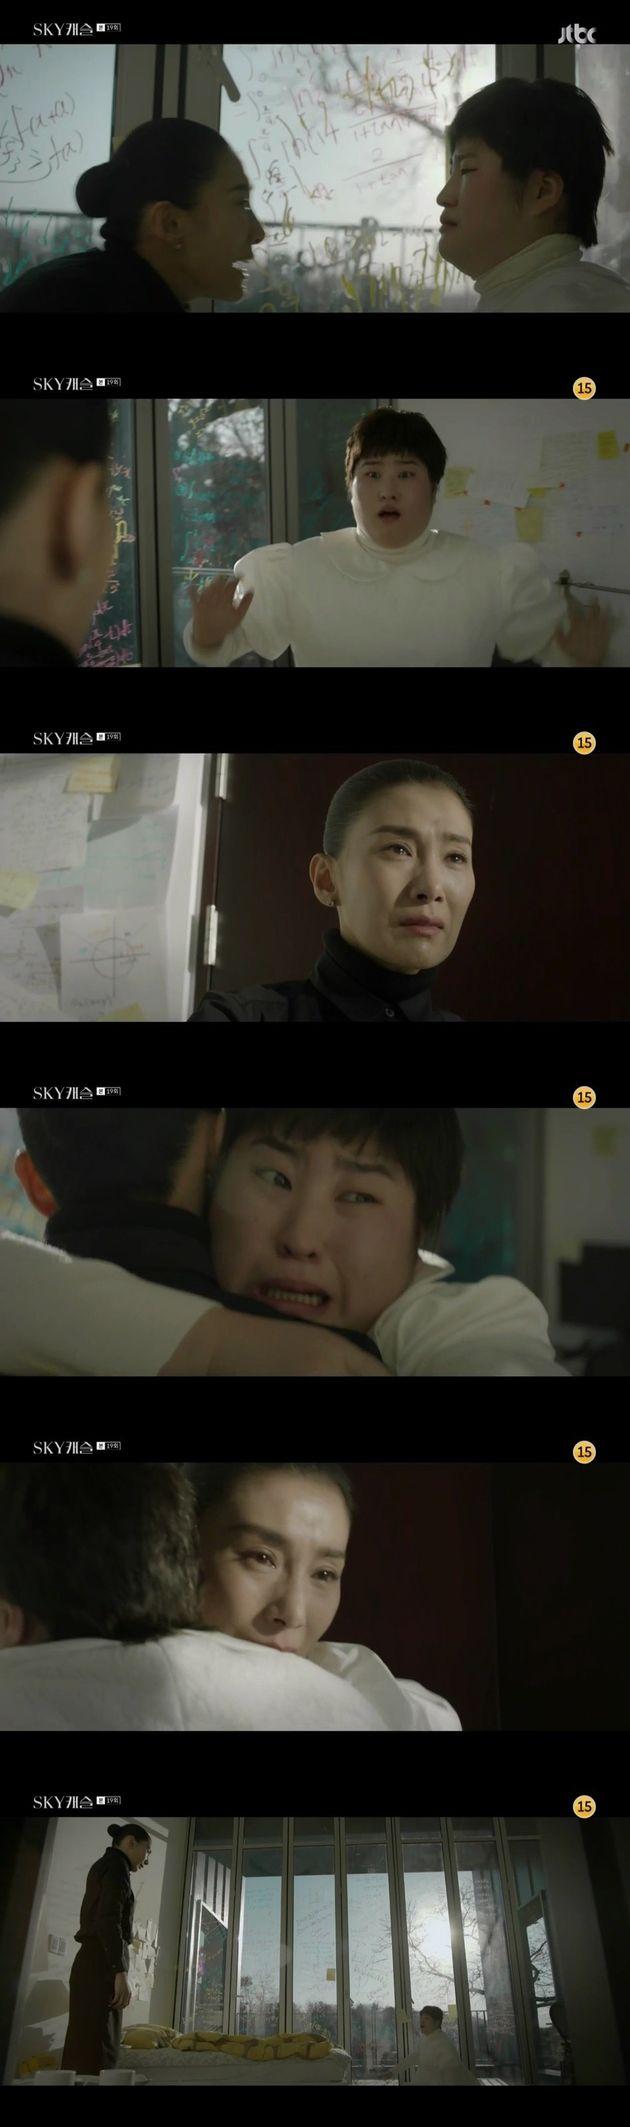 케이 역할 배우 조미녀가 '스카이캐슬 19화'에 대해 한 말